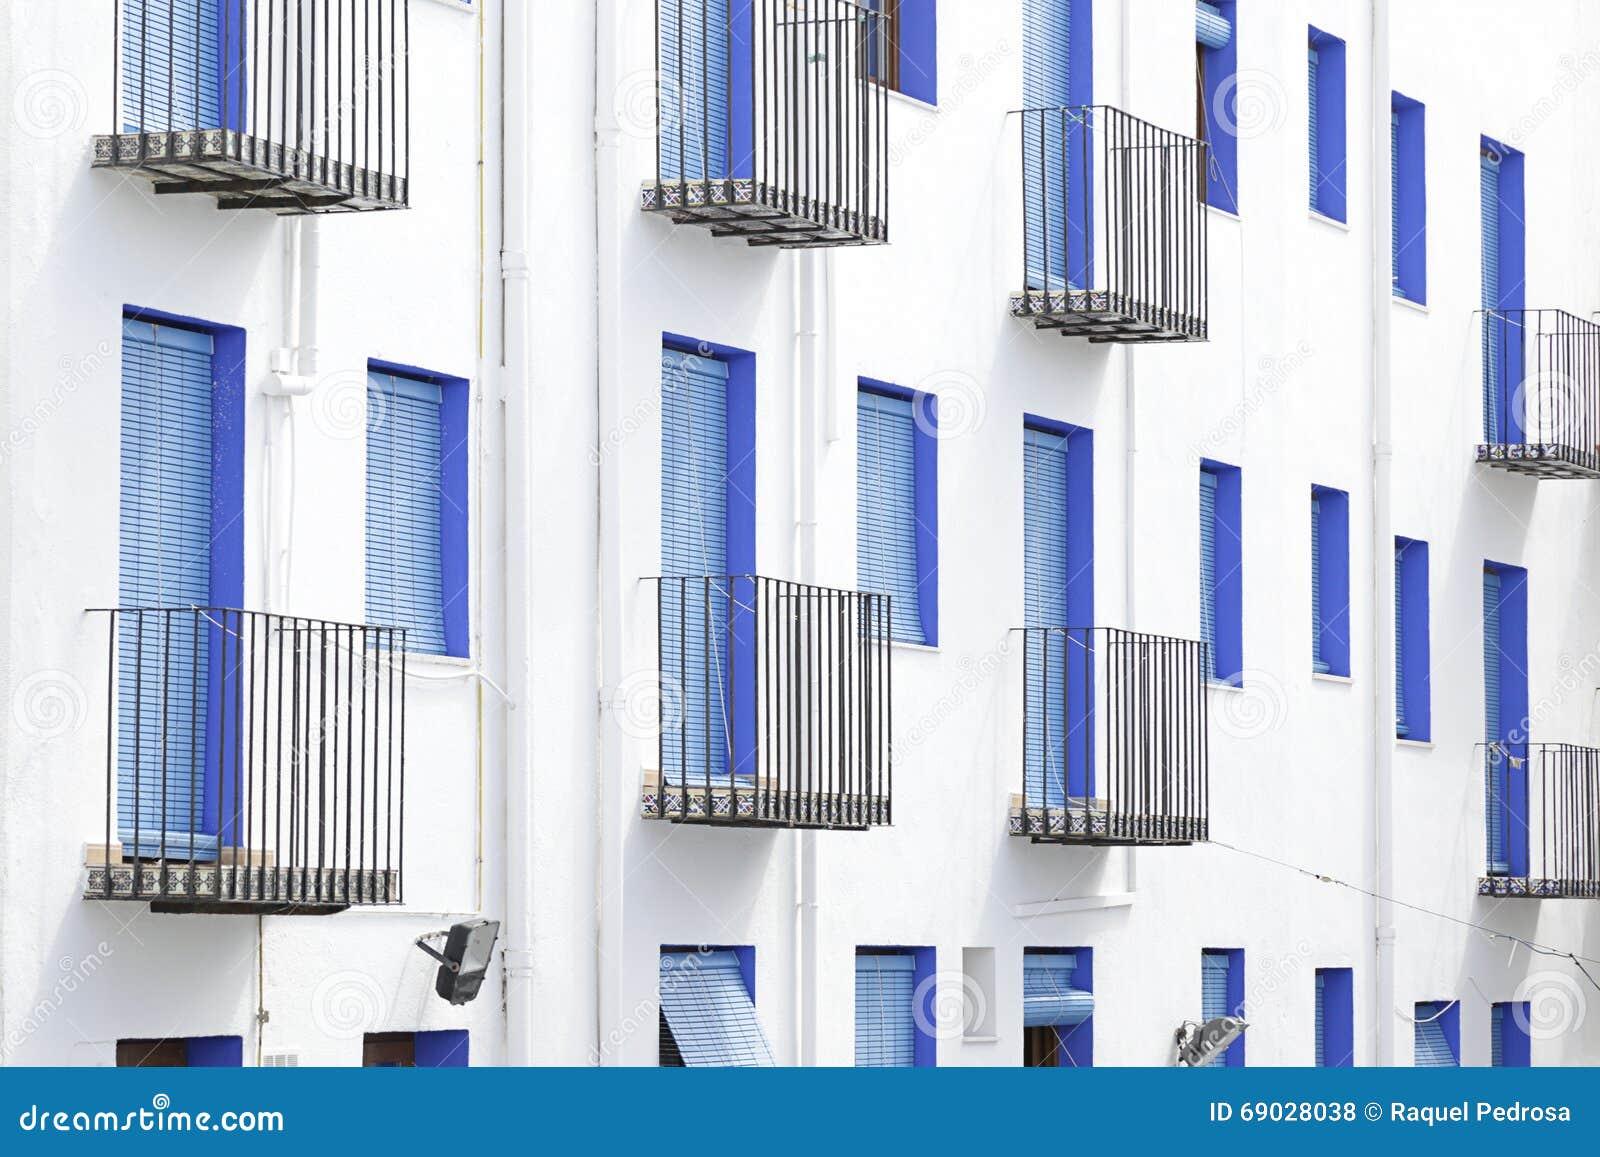 Fachada blanca con las ventanas azules foto de archivo for Fachadas de casas con ventanas blancas